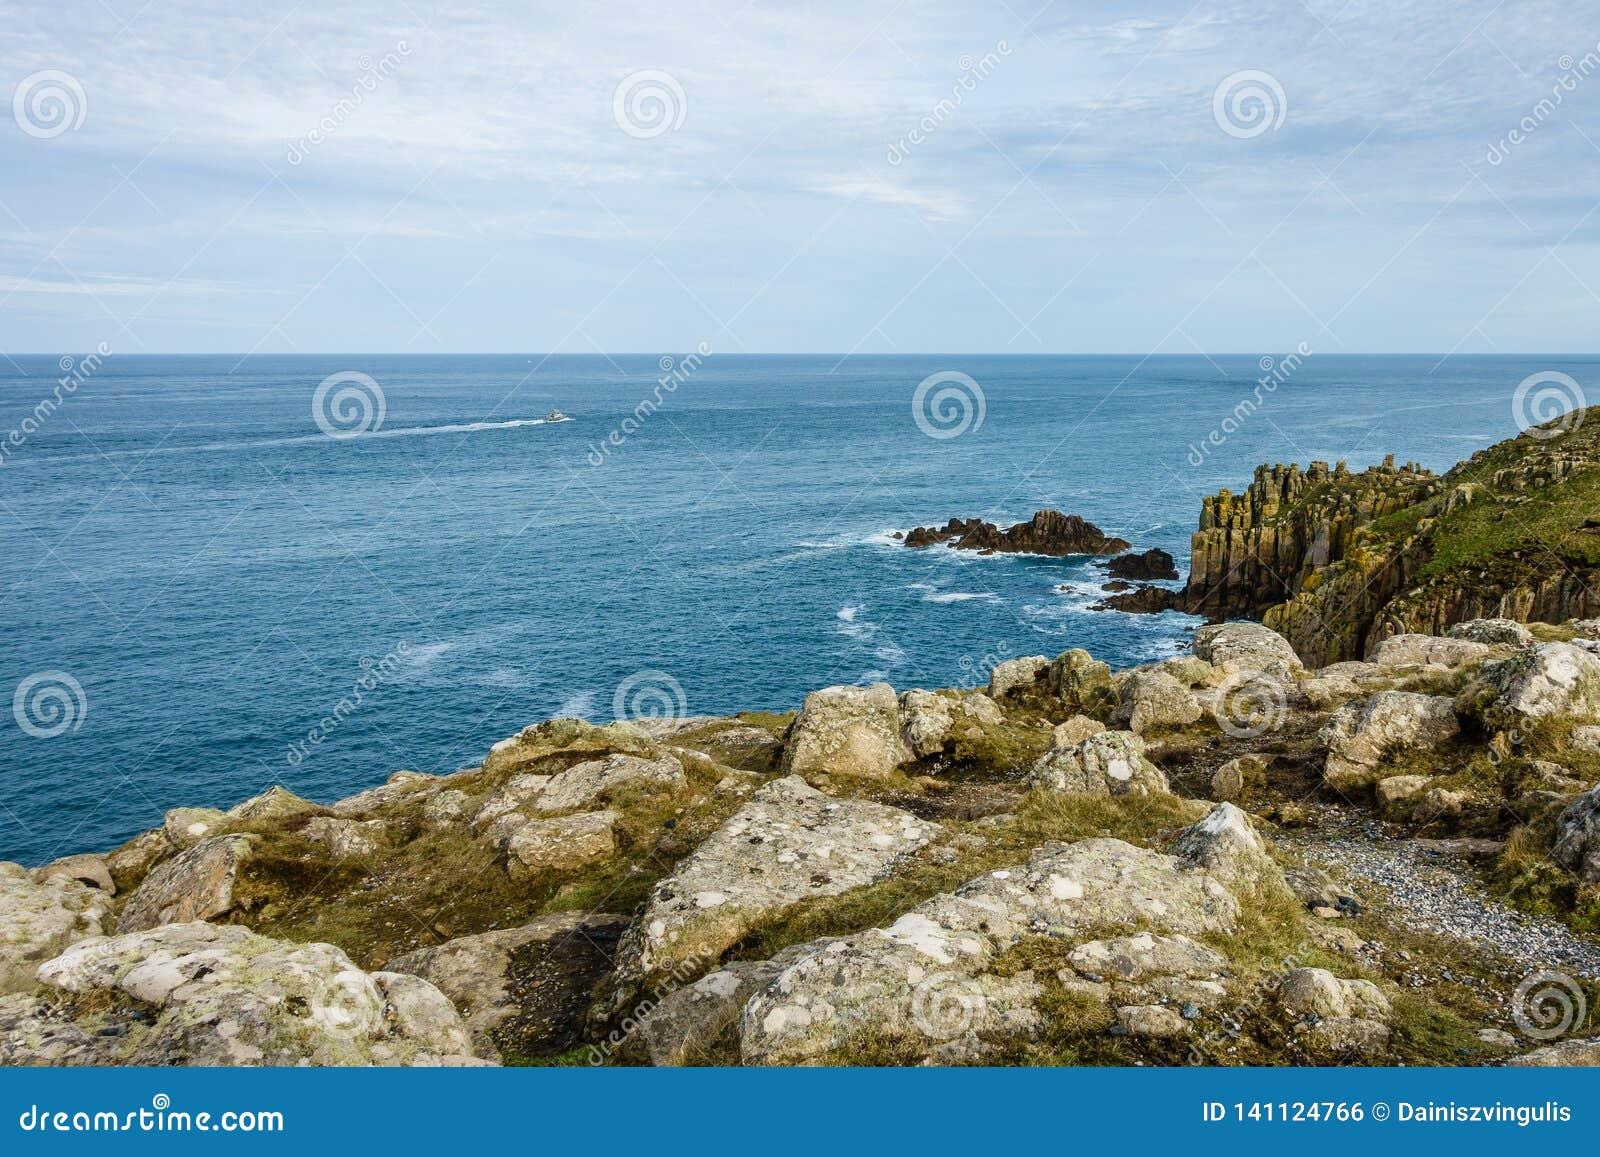 крутое побережье и маленькая лодка на горизонте